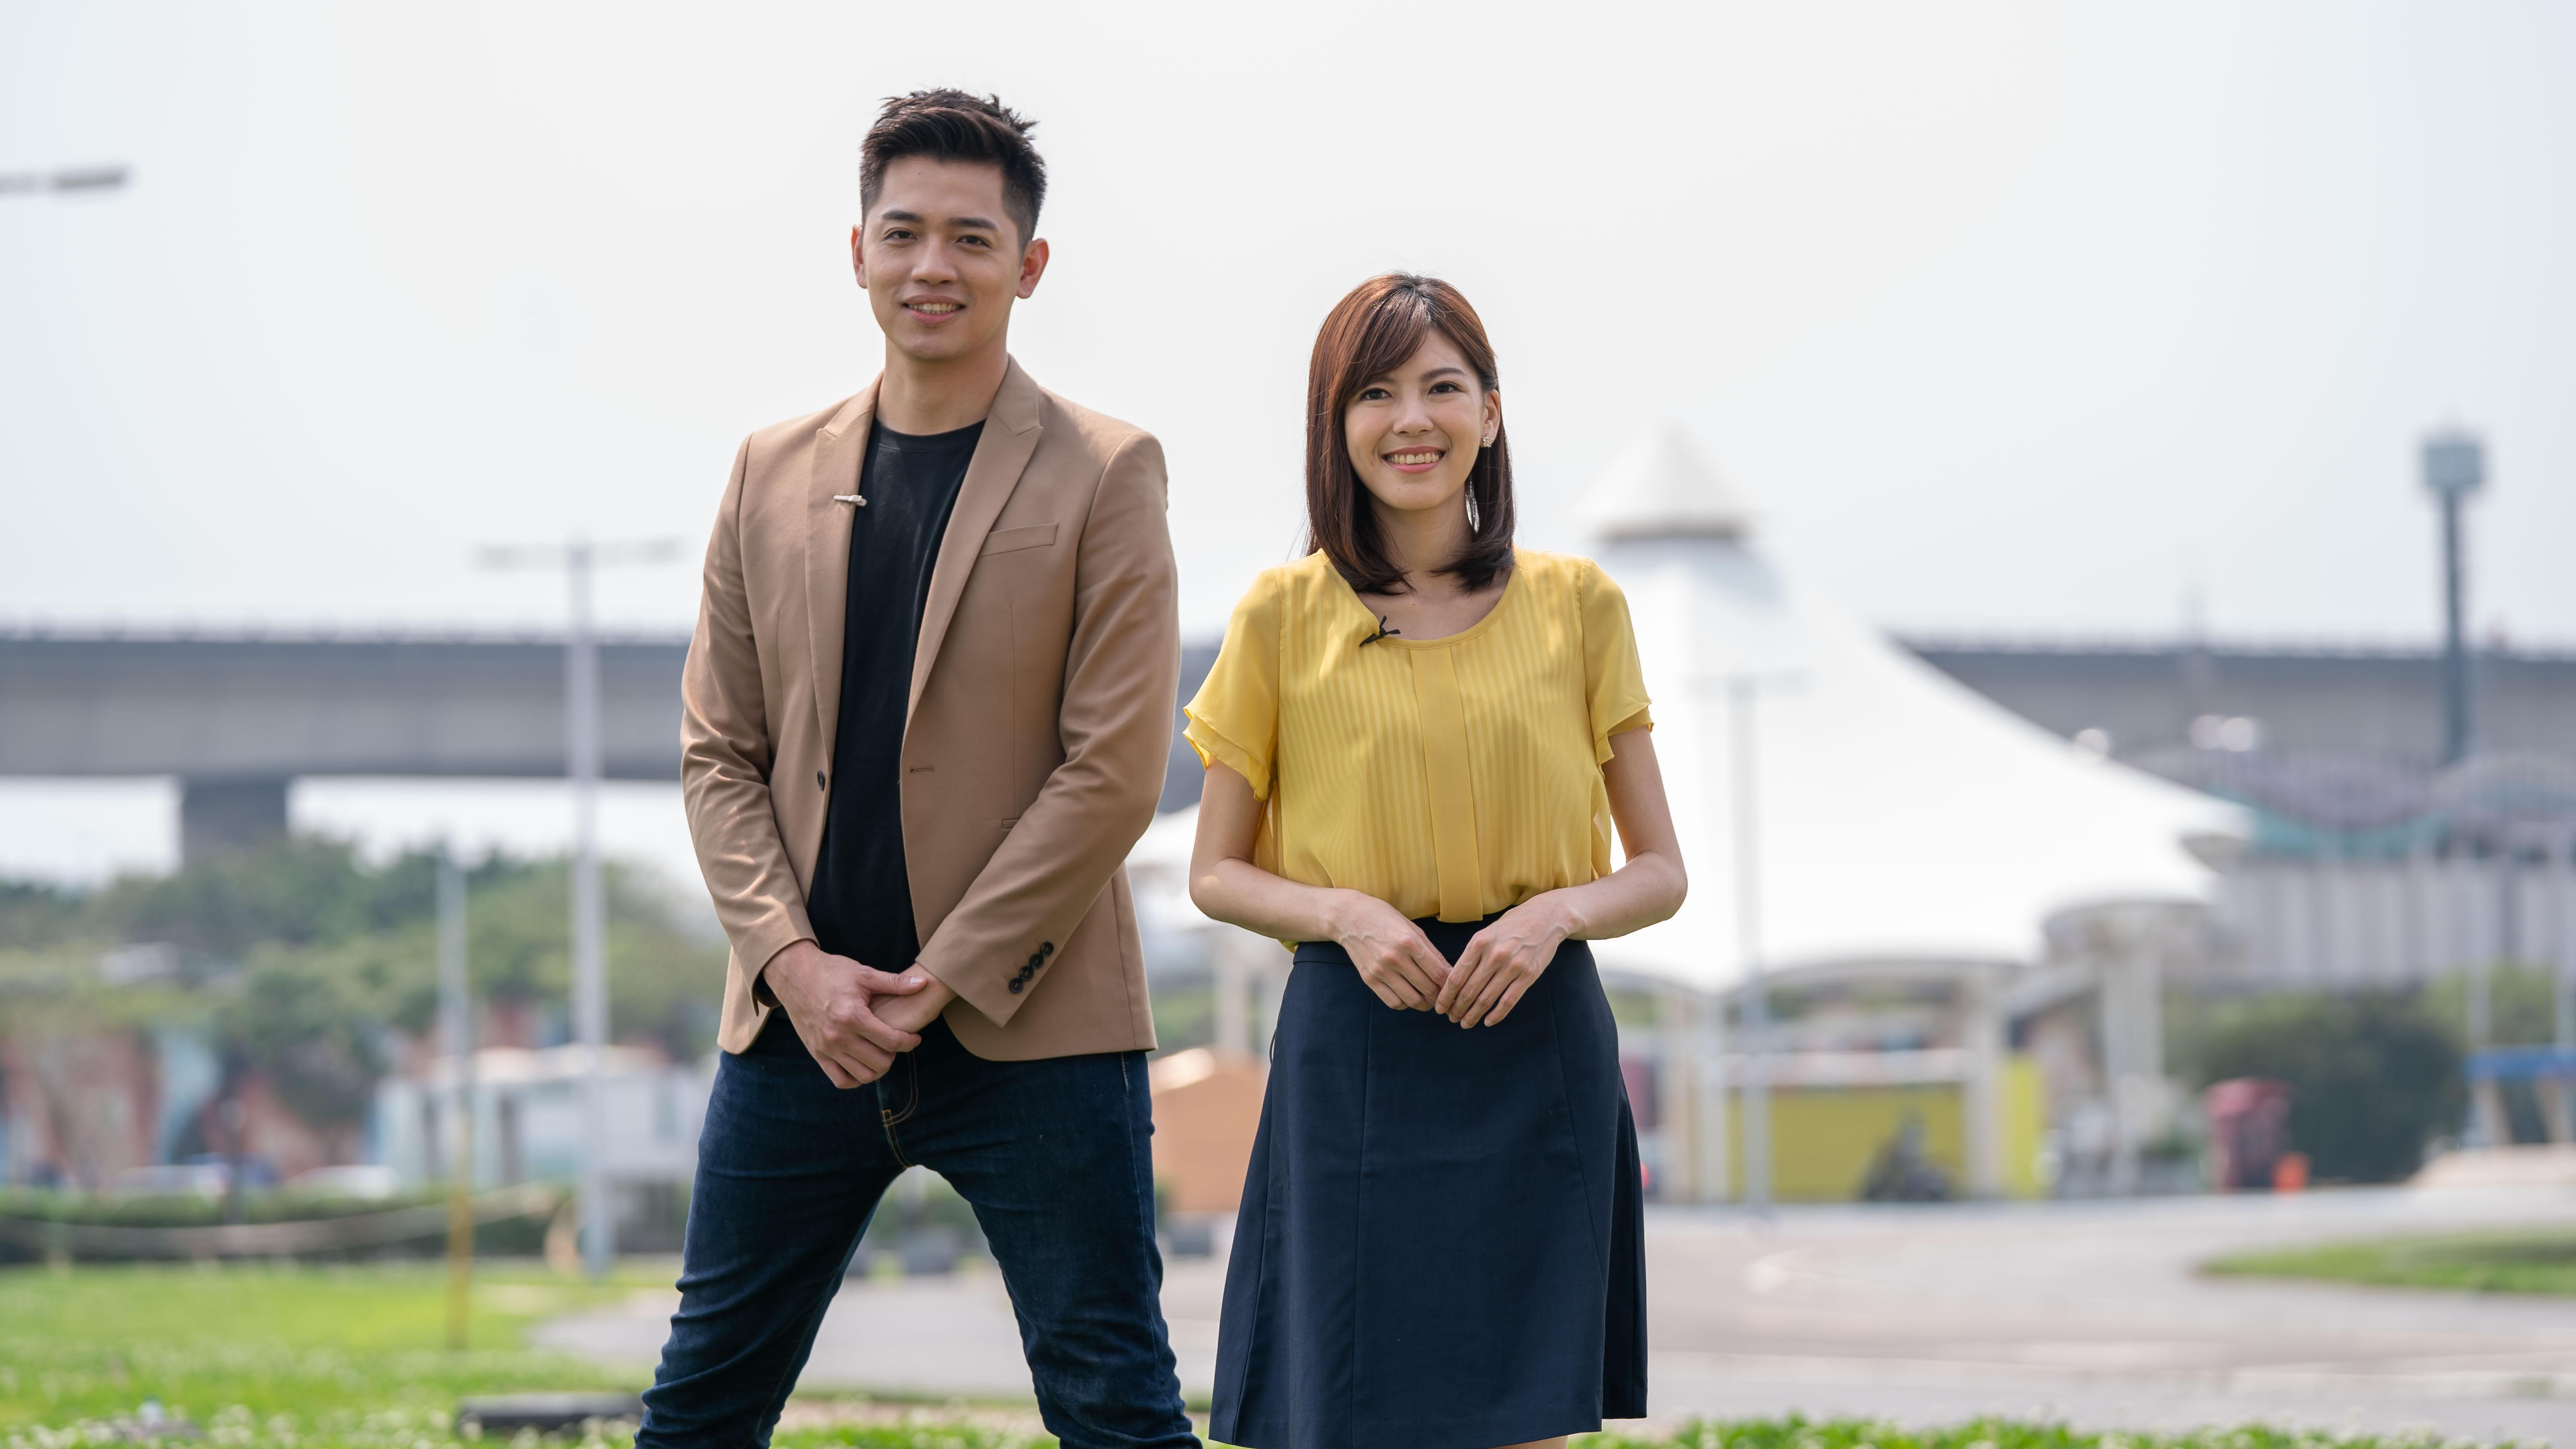 TVBS晨間新聞「早安台灣」由彭志宇和錢麗如搭檔,以雙主播的方式,為觀眾開啟美好的一天。 TVBS新聞台「早安台灣」 高顏值雙主播登場